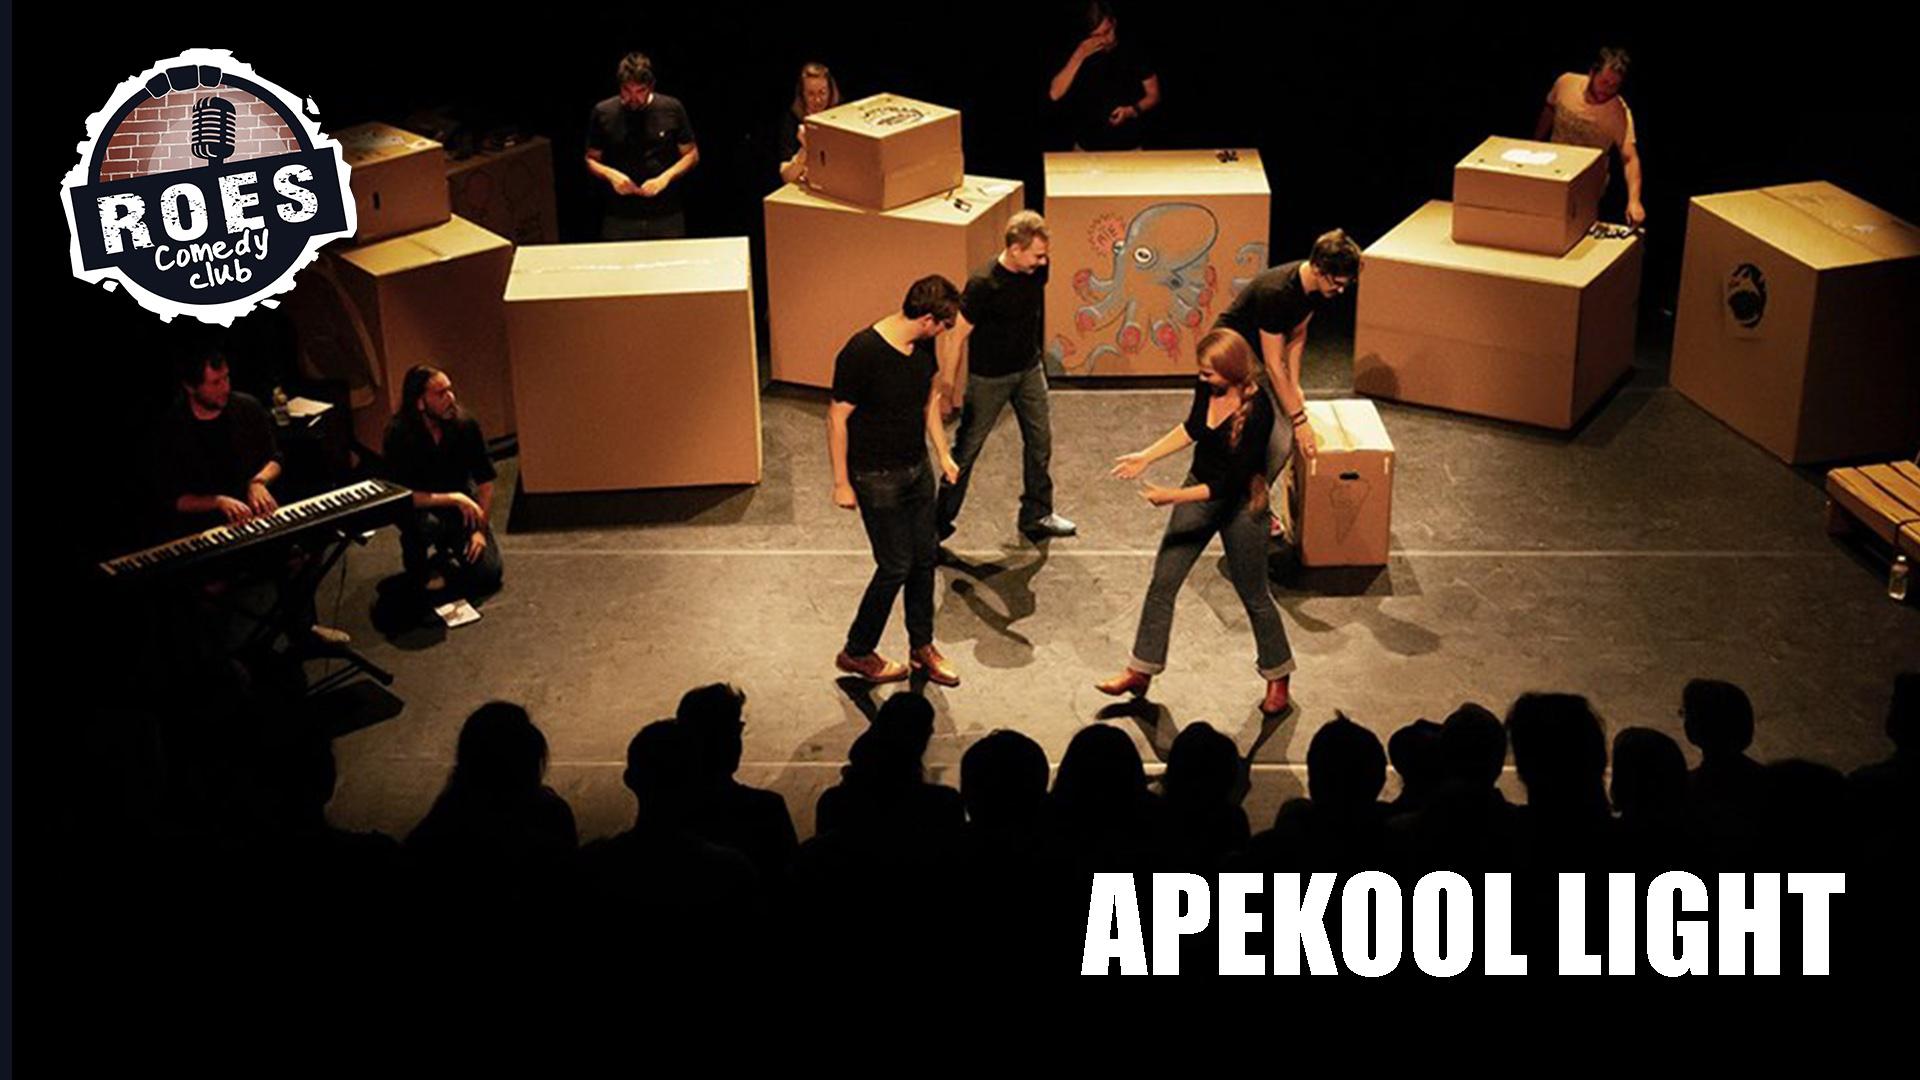 Ticket kopen voor evenement Roes Comedy Club: Apekool Light